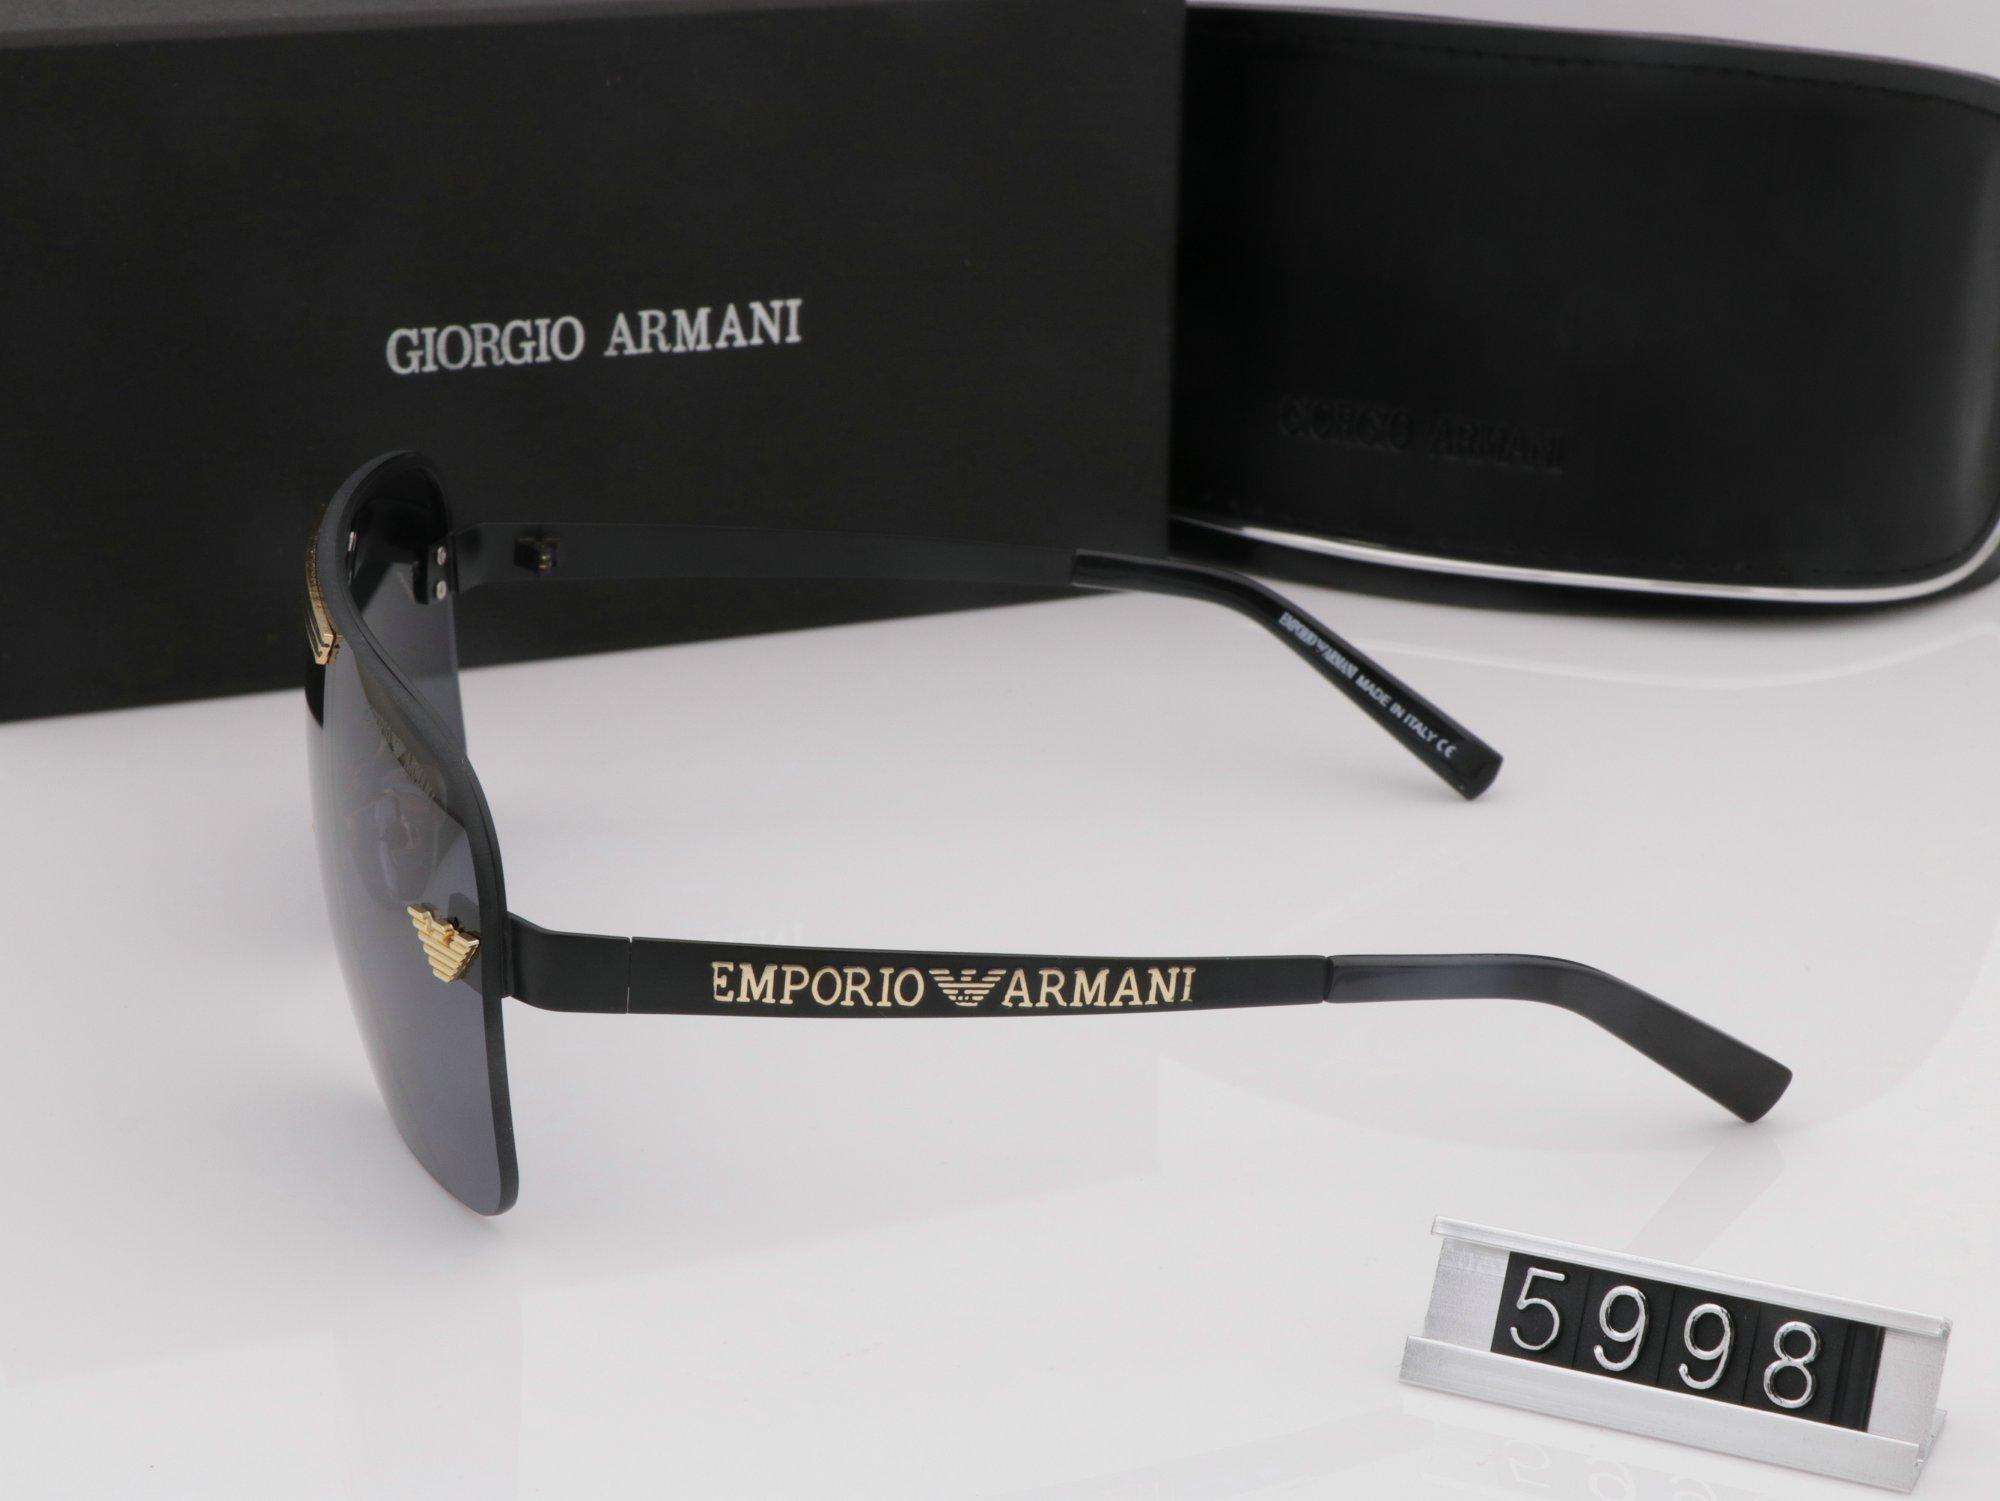 الأشعة فوق البنفسجية بالجملة، 400 الأصل حماية صندوق سلسلة ذهبية تايجا ميدوسا نظارات شمس رجل / إمرأة نظارات شمسية هاء 5998 5015